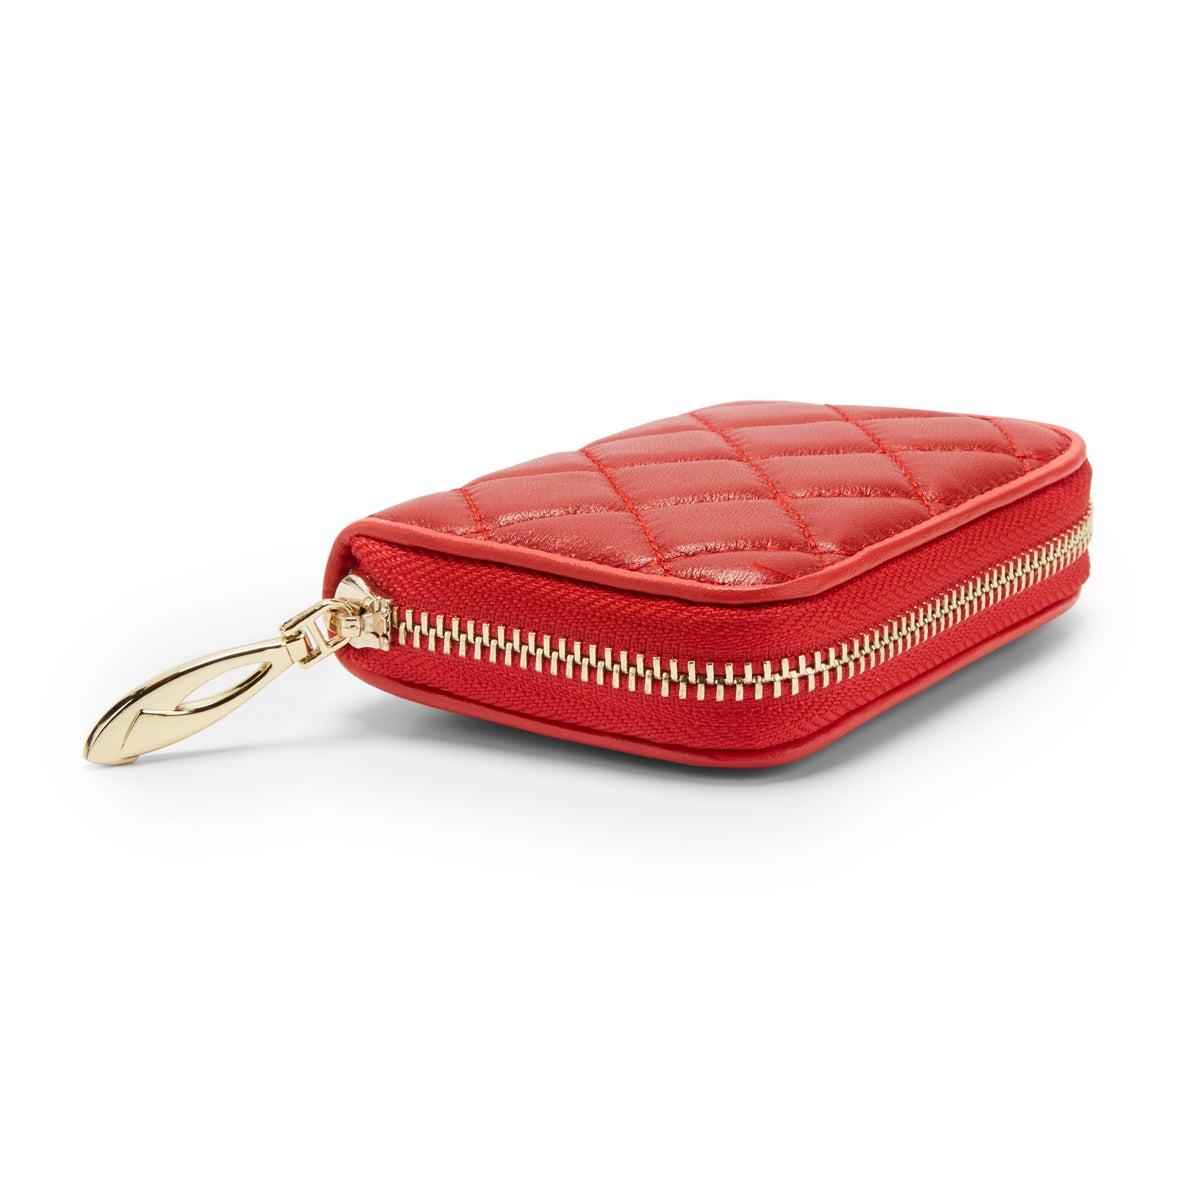 Lds red zip around fanned card holder